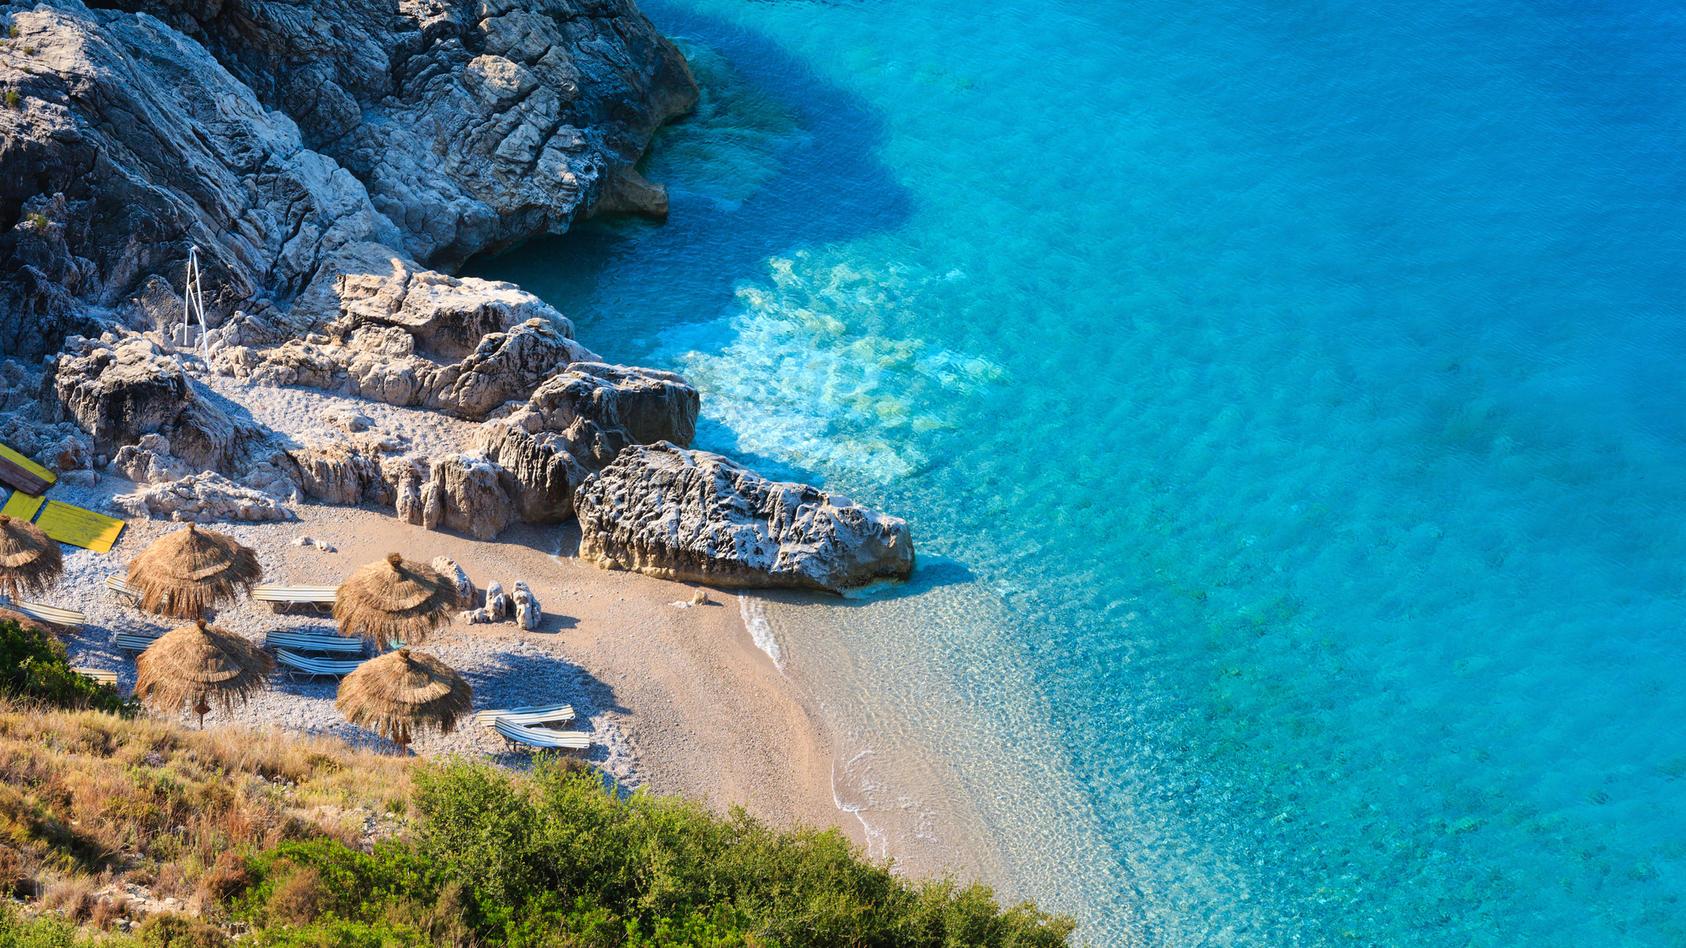 Albanien begeistert mit traumhaften Stränden und kristallklarem Wasser.